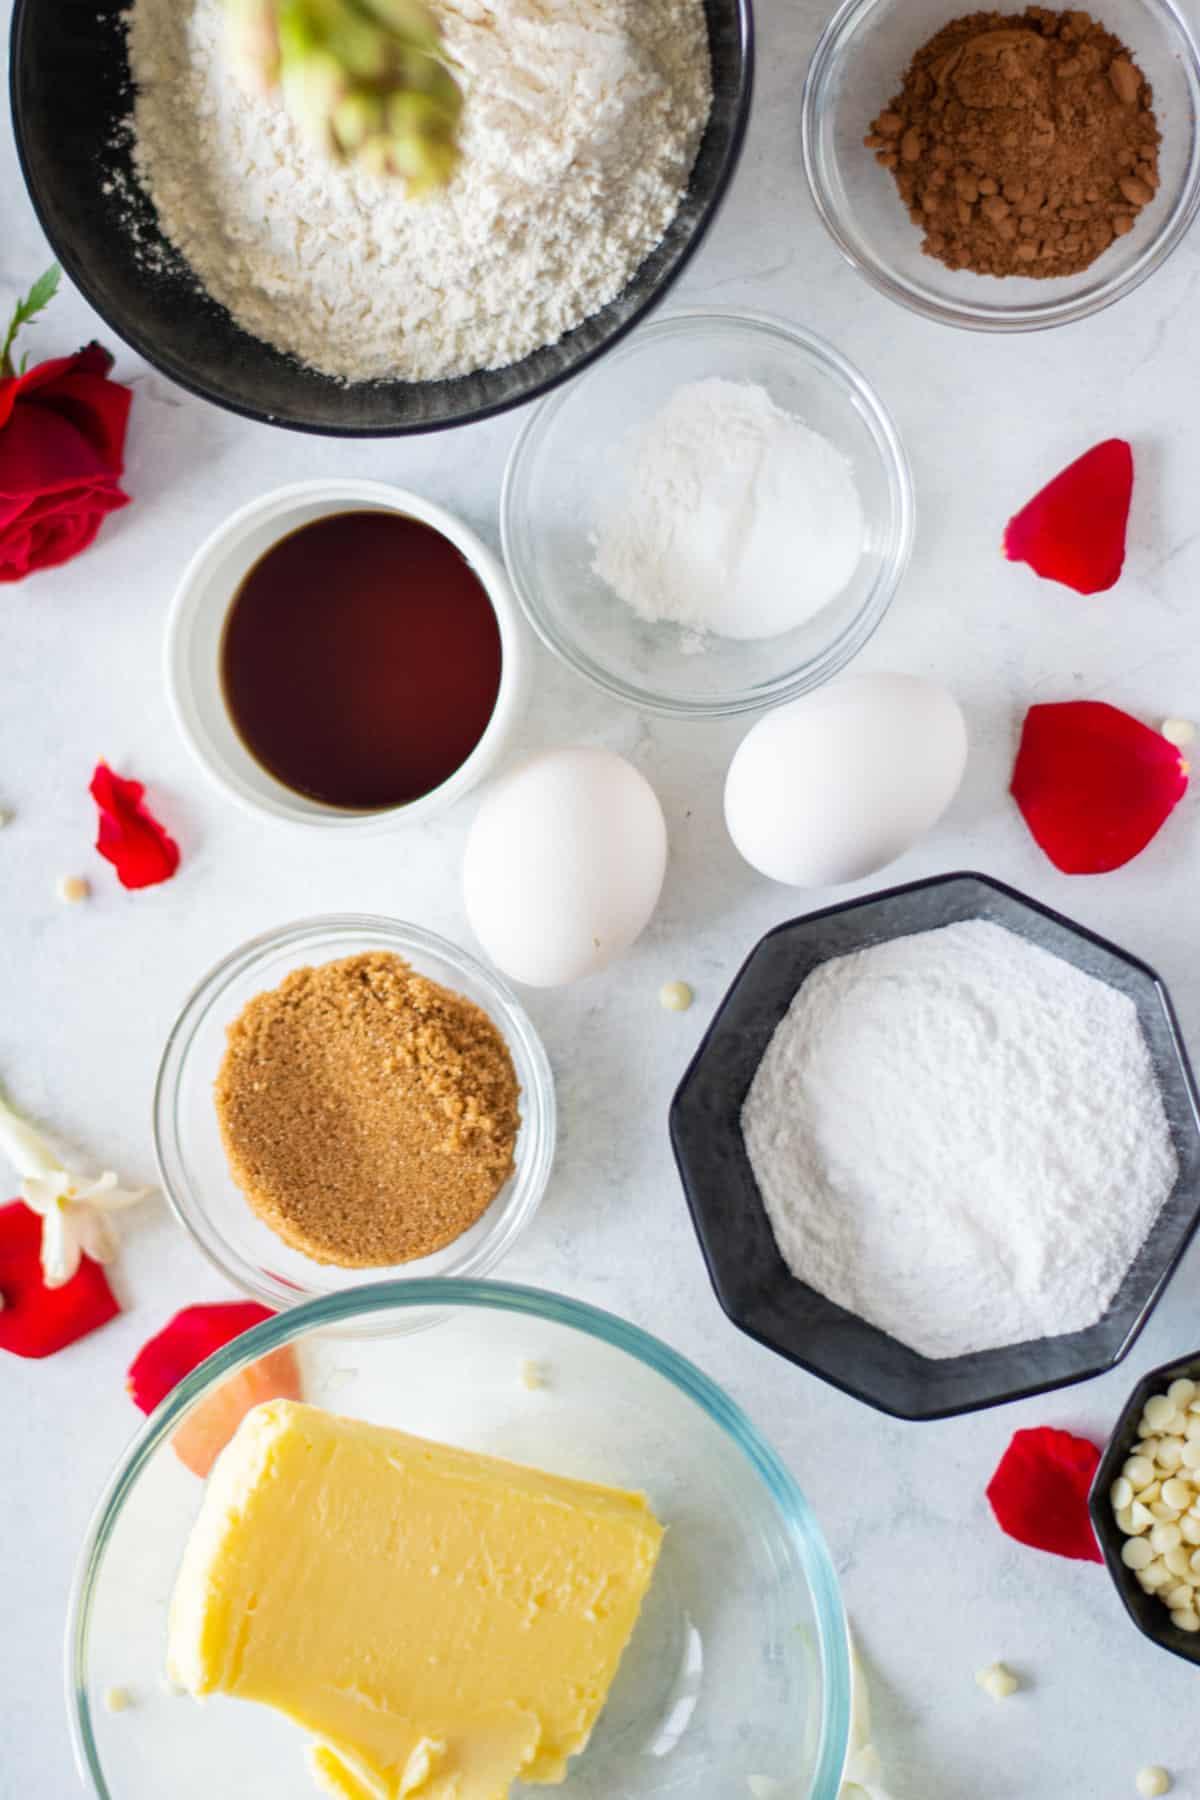 Ingredients for red velvet cookies.